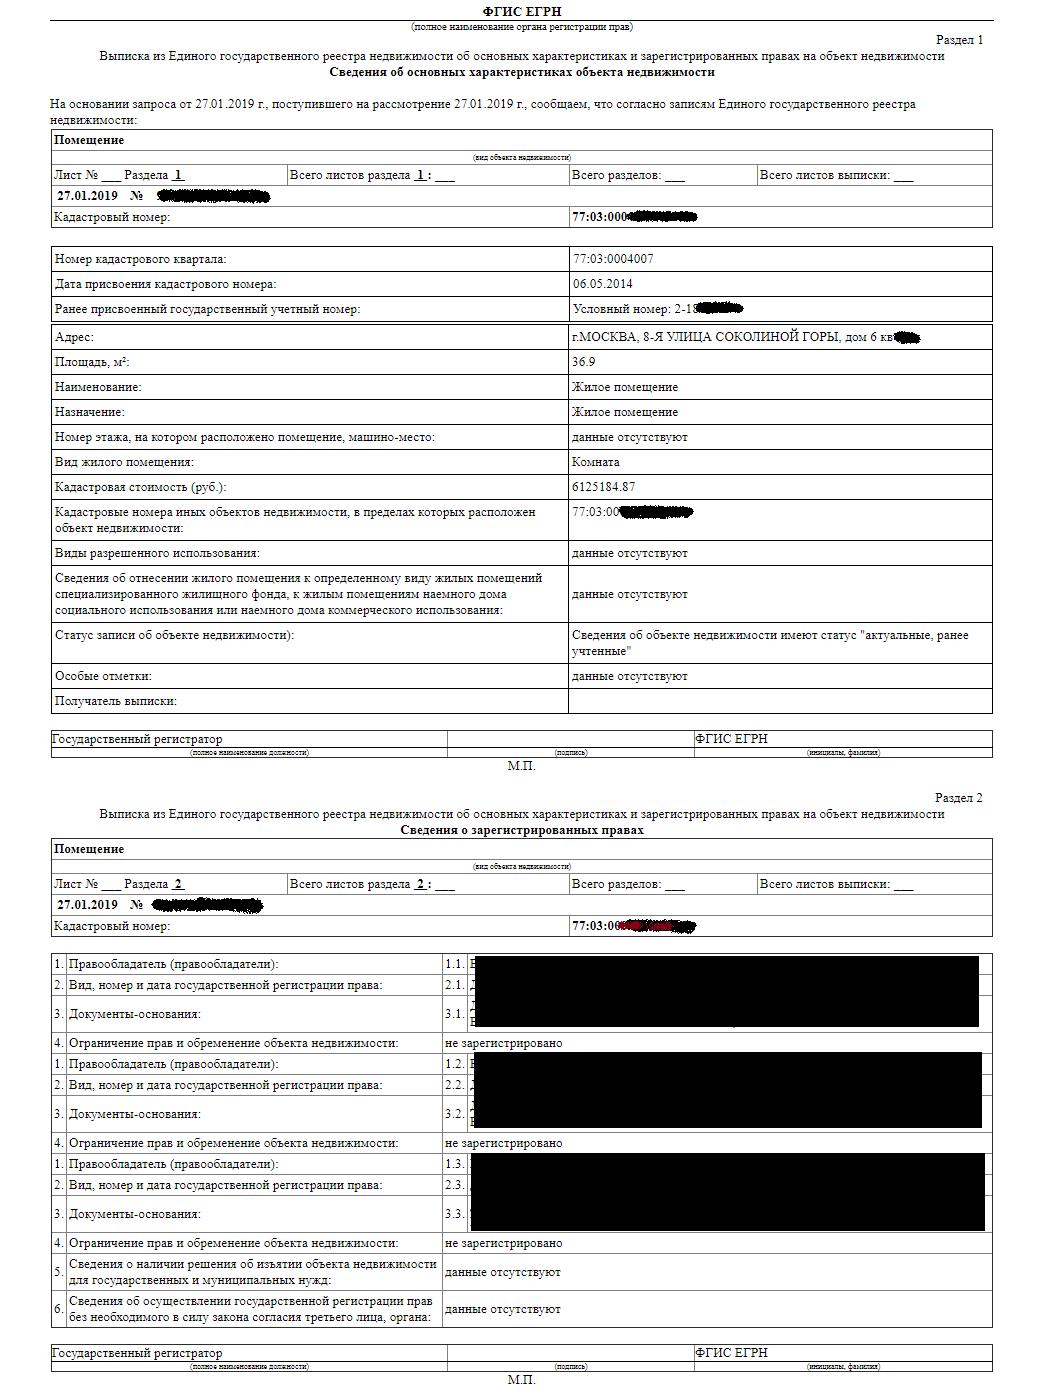 Выписка из ЕГРН на официальном сайте Росреестра - Заказать.